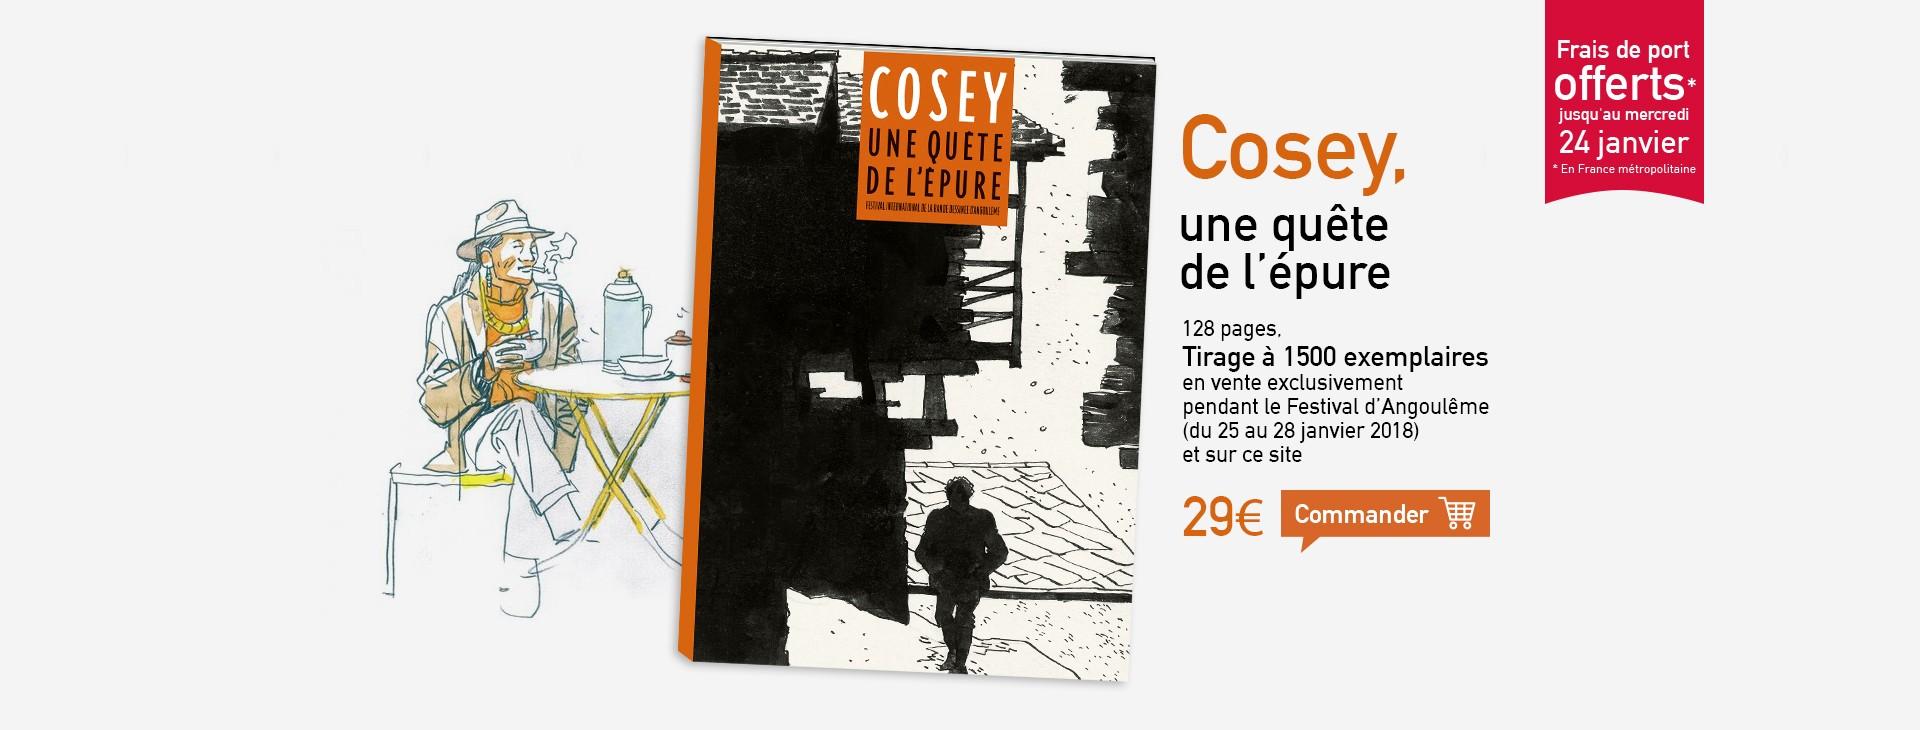 Cosey, une quête de l'épure